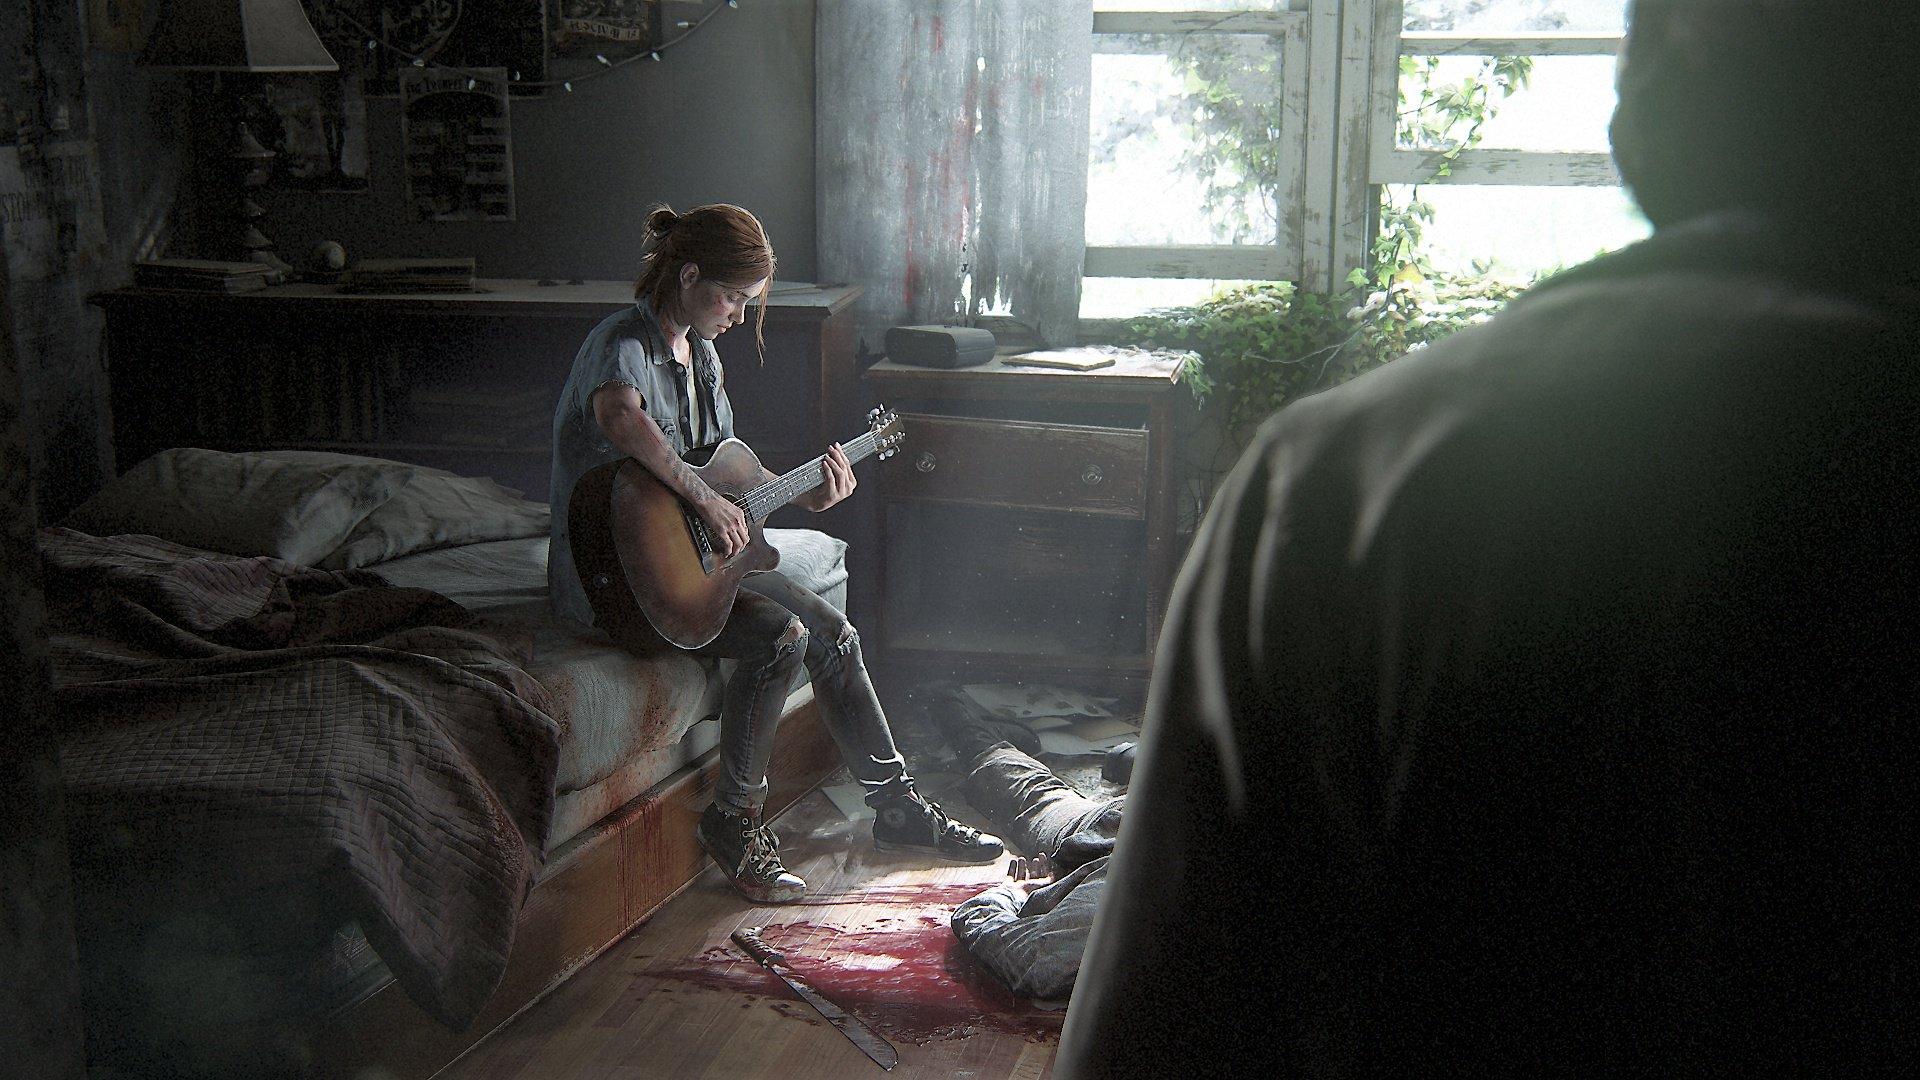 الی در بازی The Last of Us Part 2 یک شخصیت همراه خواهد داشت